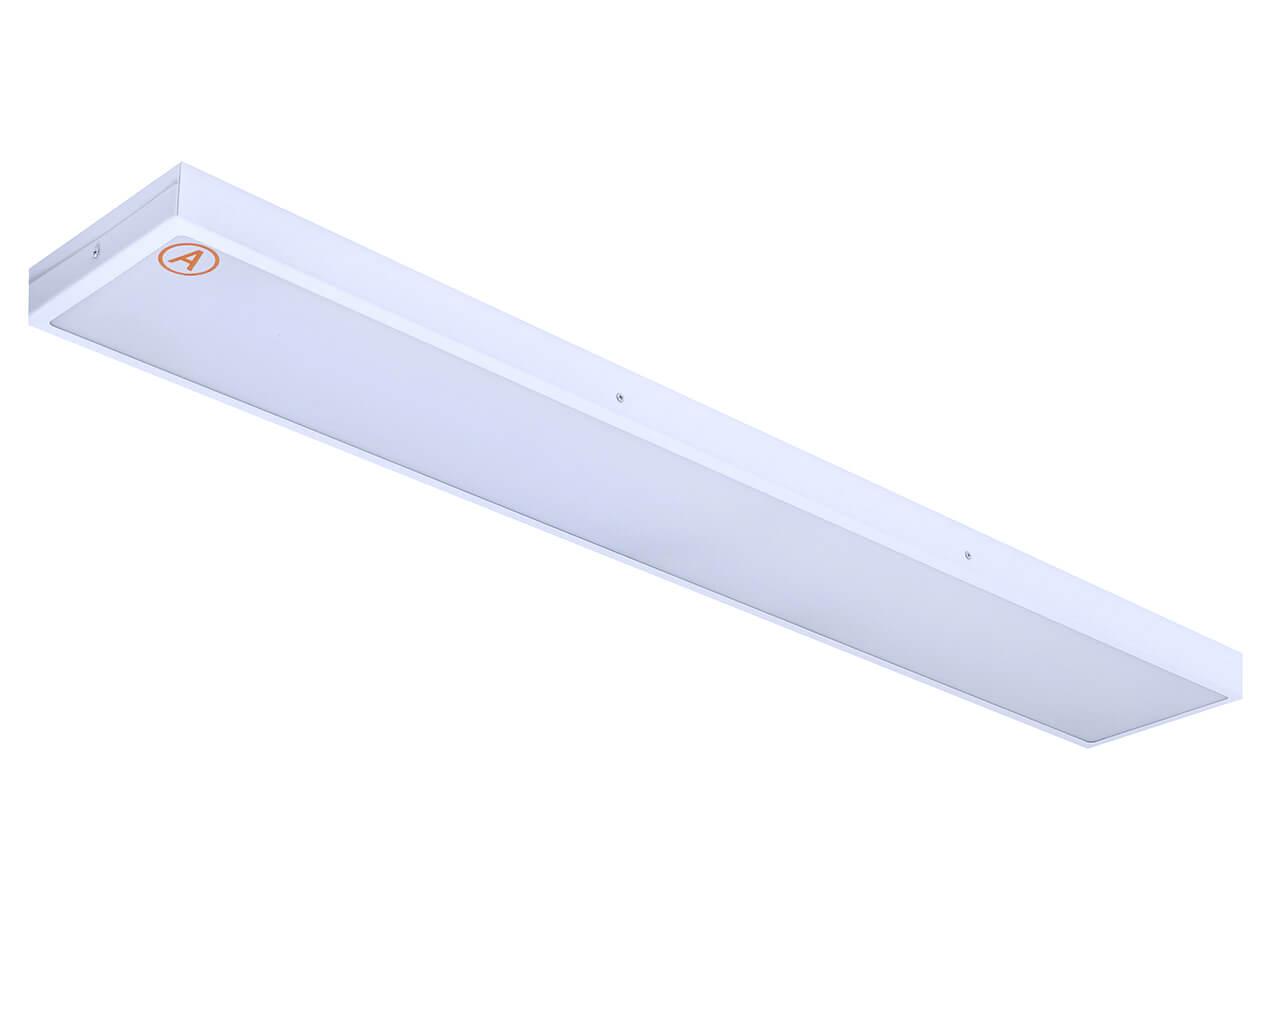 Накладной светильник LC-NS-SIP-60-OP 1195x180 IP65 Теплый белый Опал с Бап 3 часа